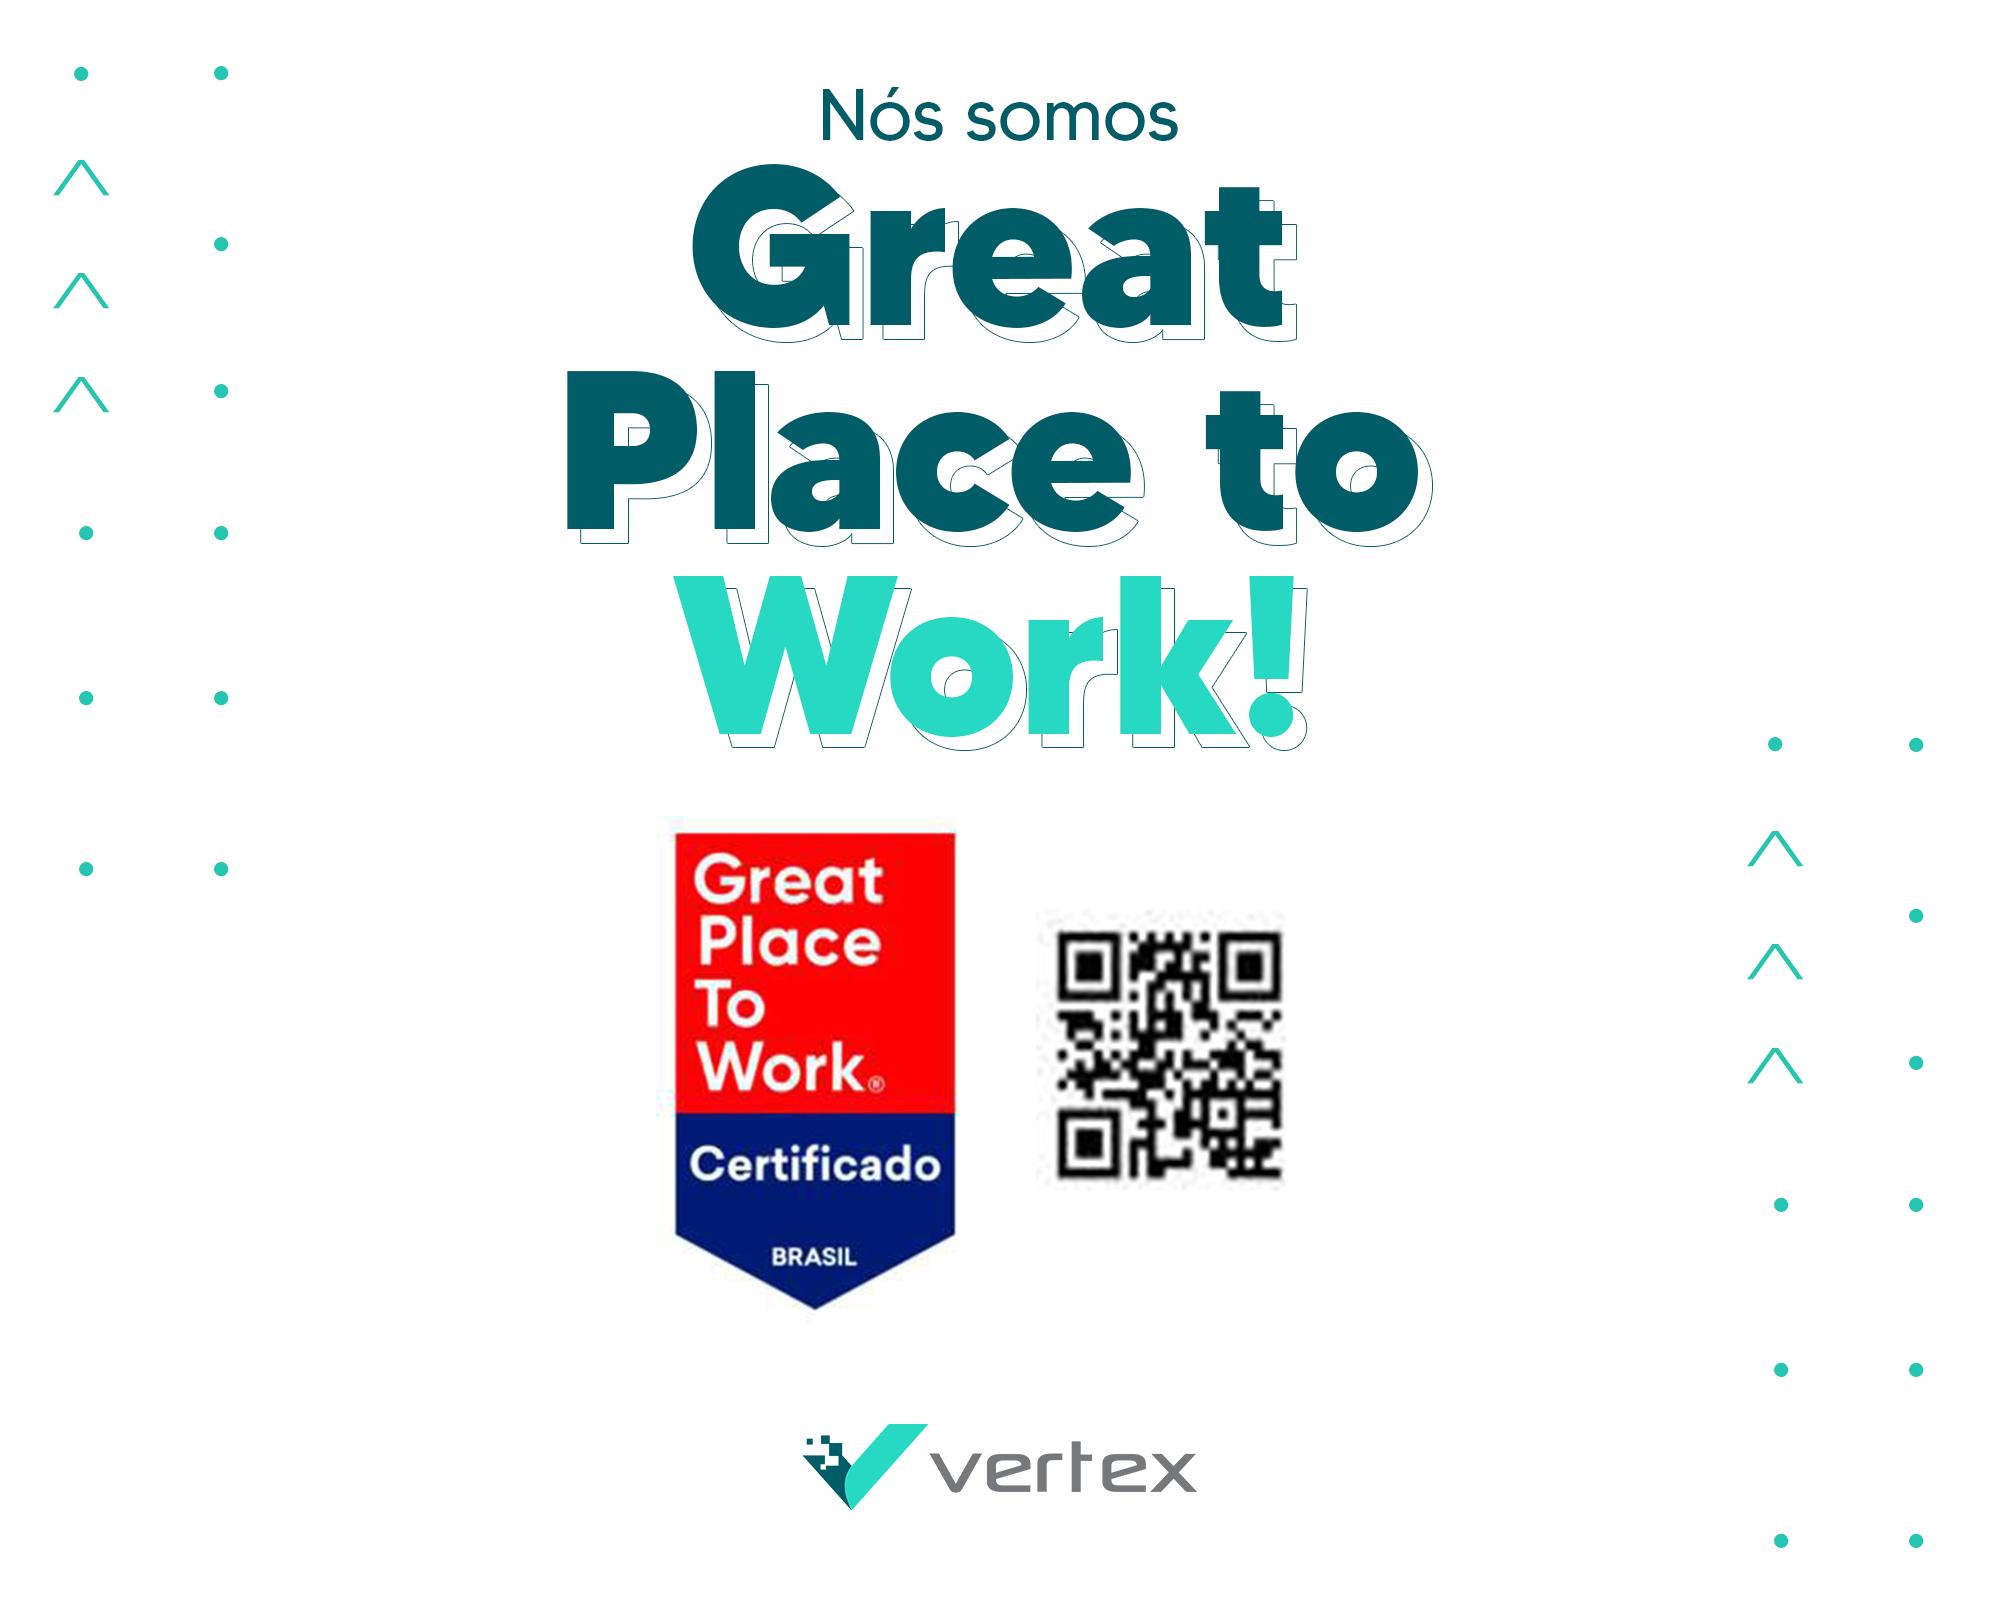 Ótima notícia: somos um Great Place to Work